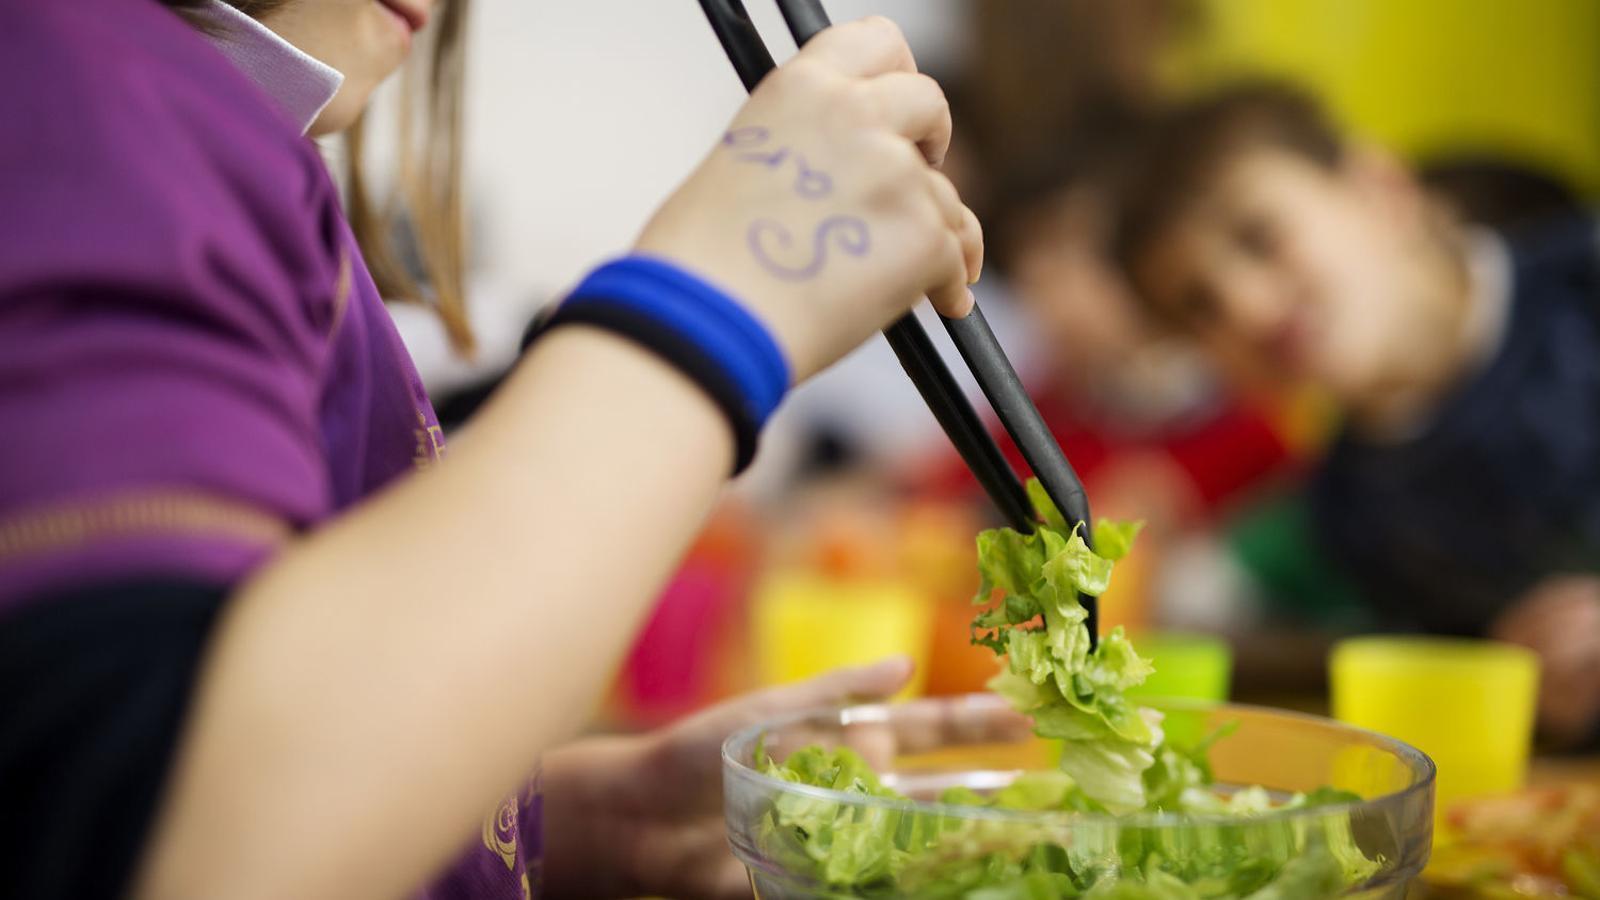 Una targeta moneder a Catalunya, un menú infantil de Telepizza a Madrid: les vies per fer arribar les beques menjador